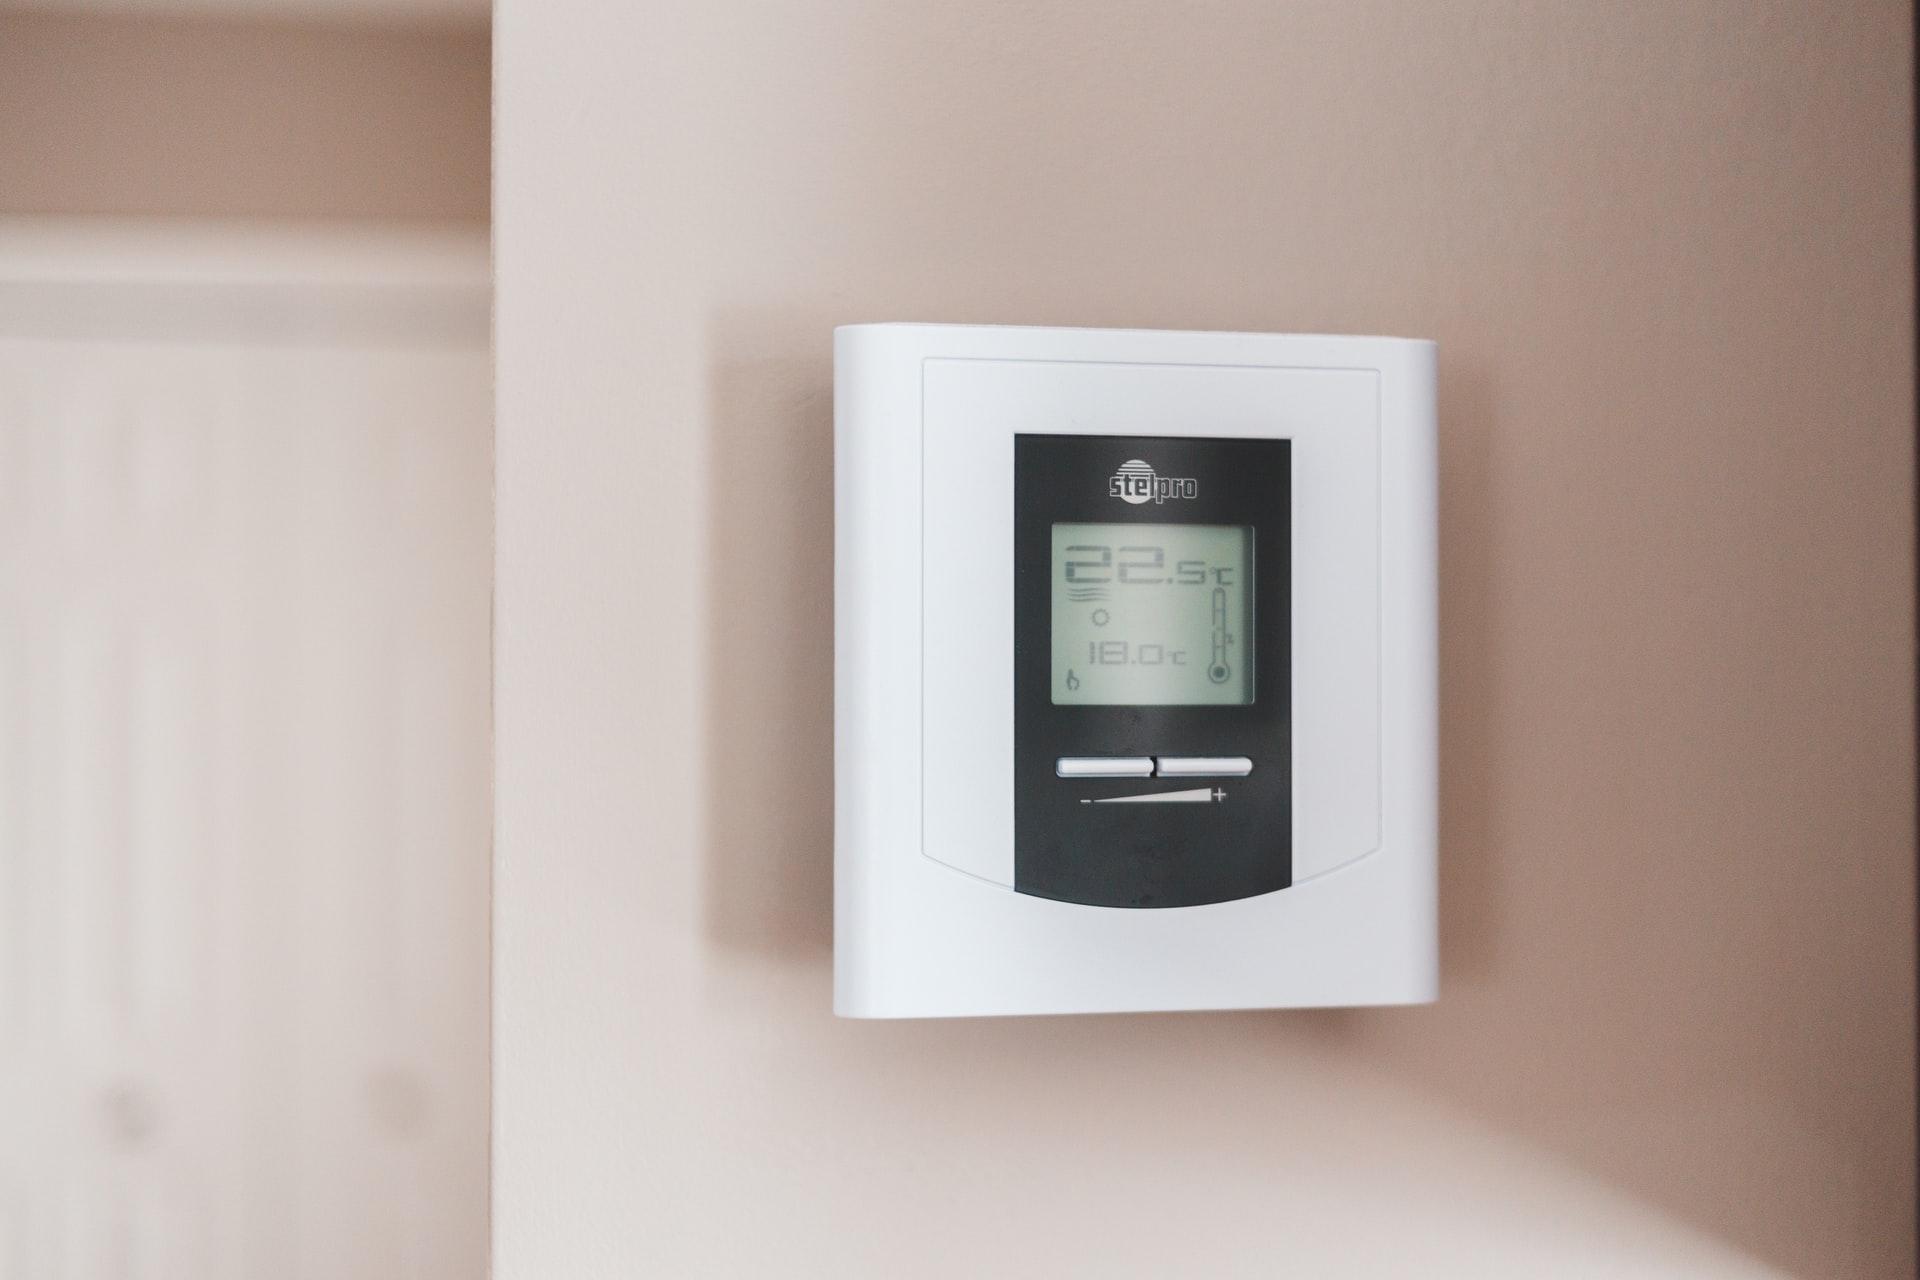 人が快適に感じる室温とは?冷暖房の設定温度や人が温度を感じる仕組みを解説